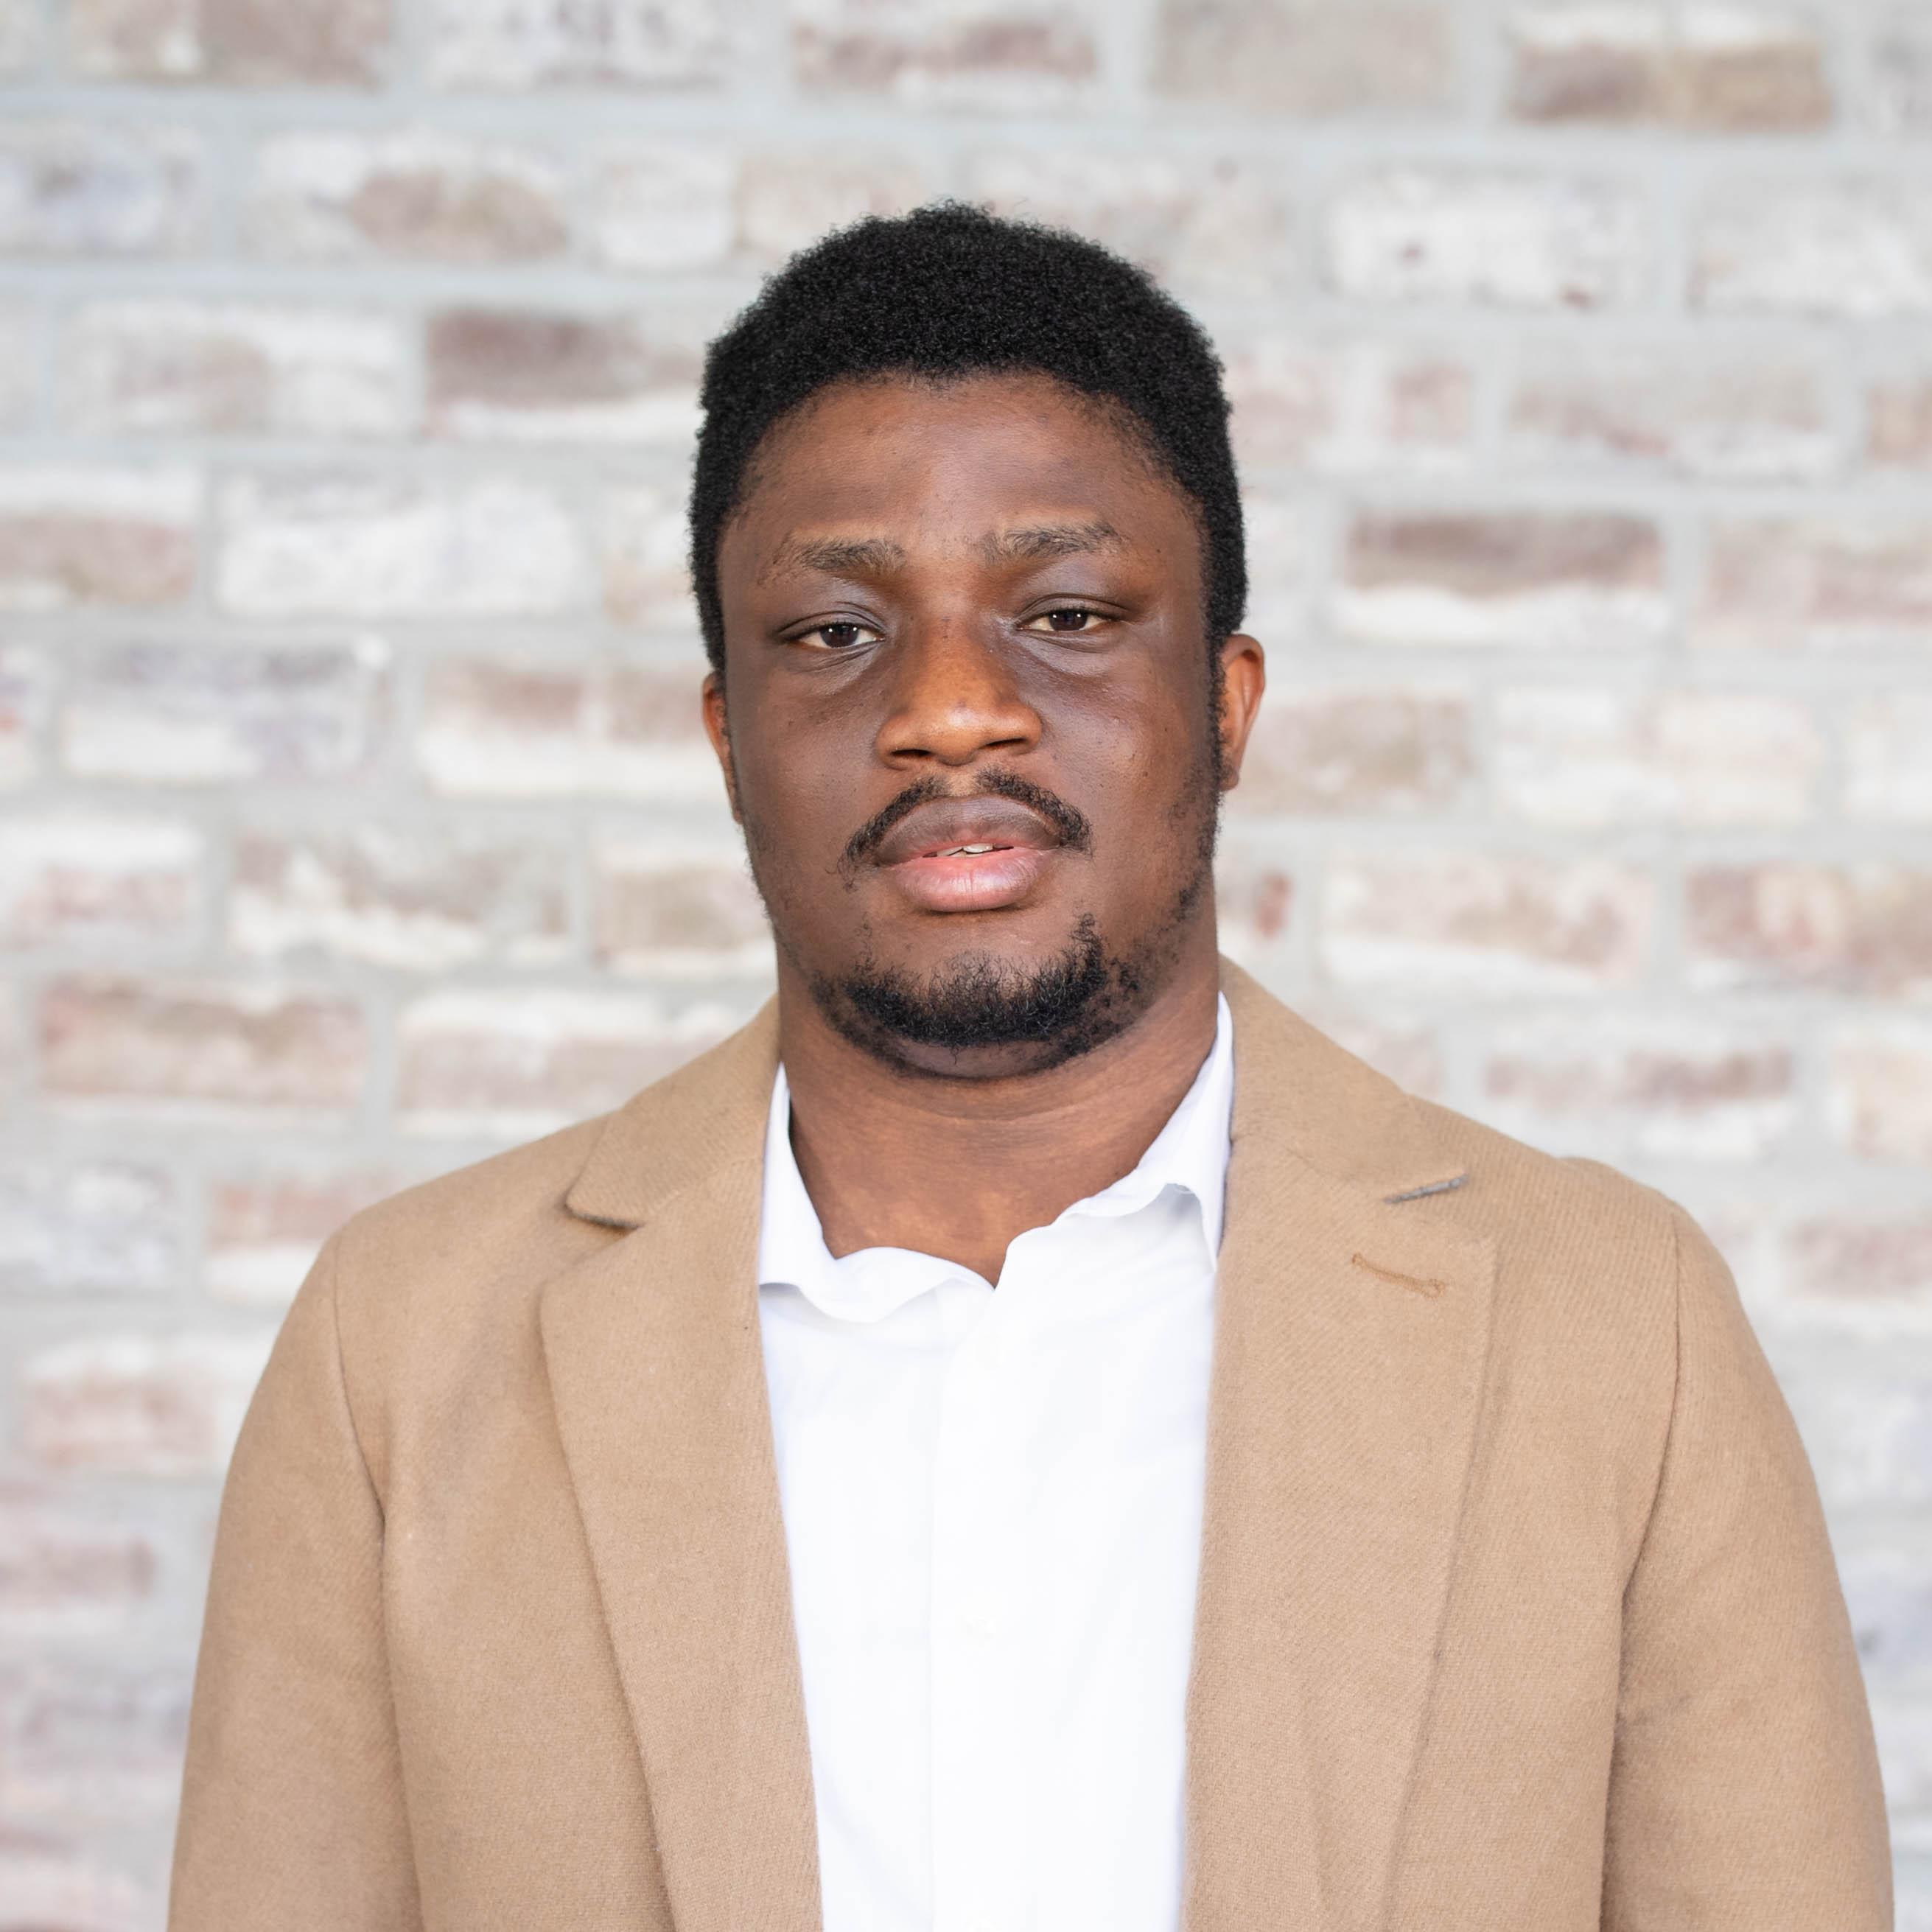 Caleb Adepoju